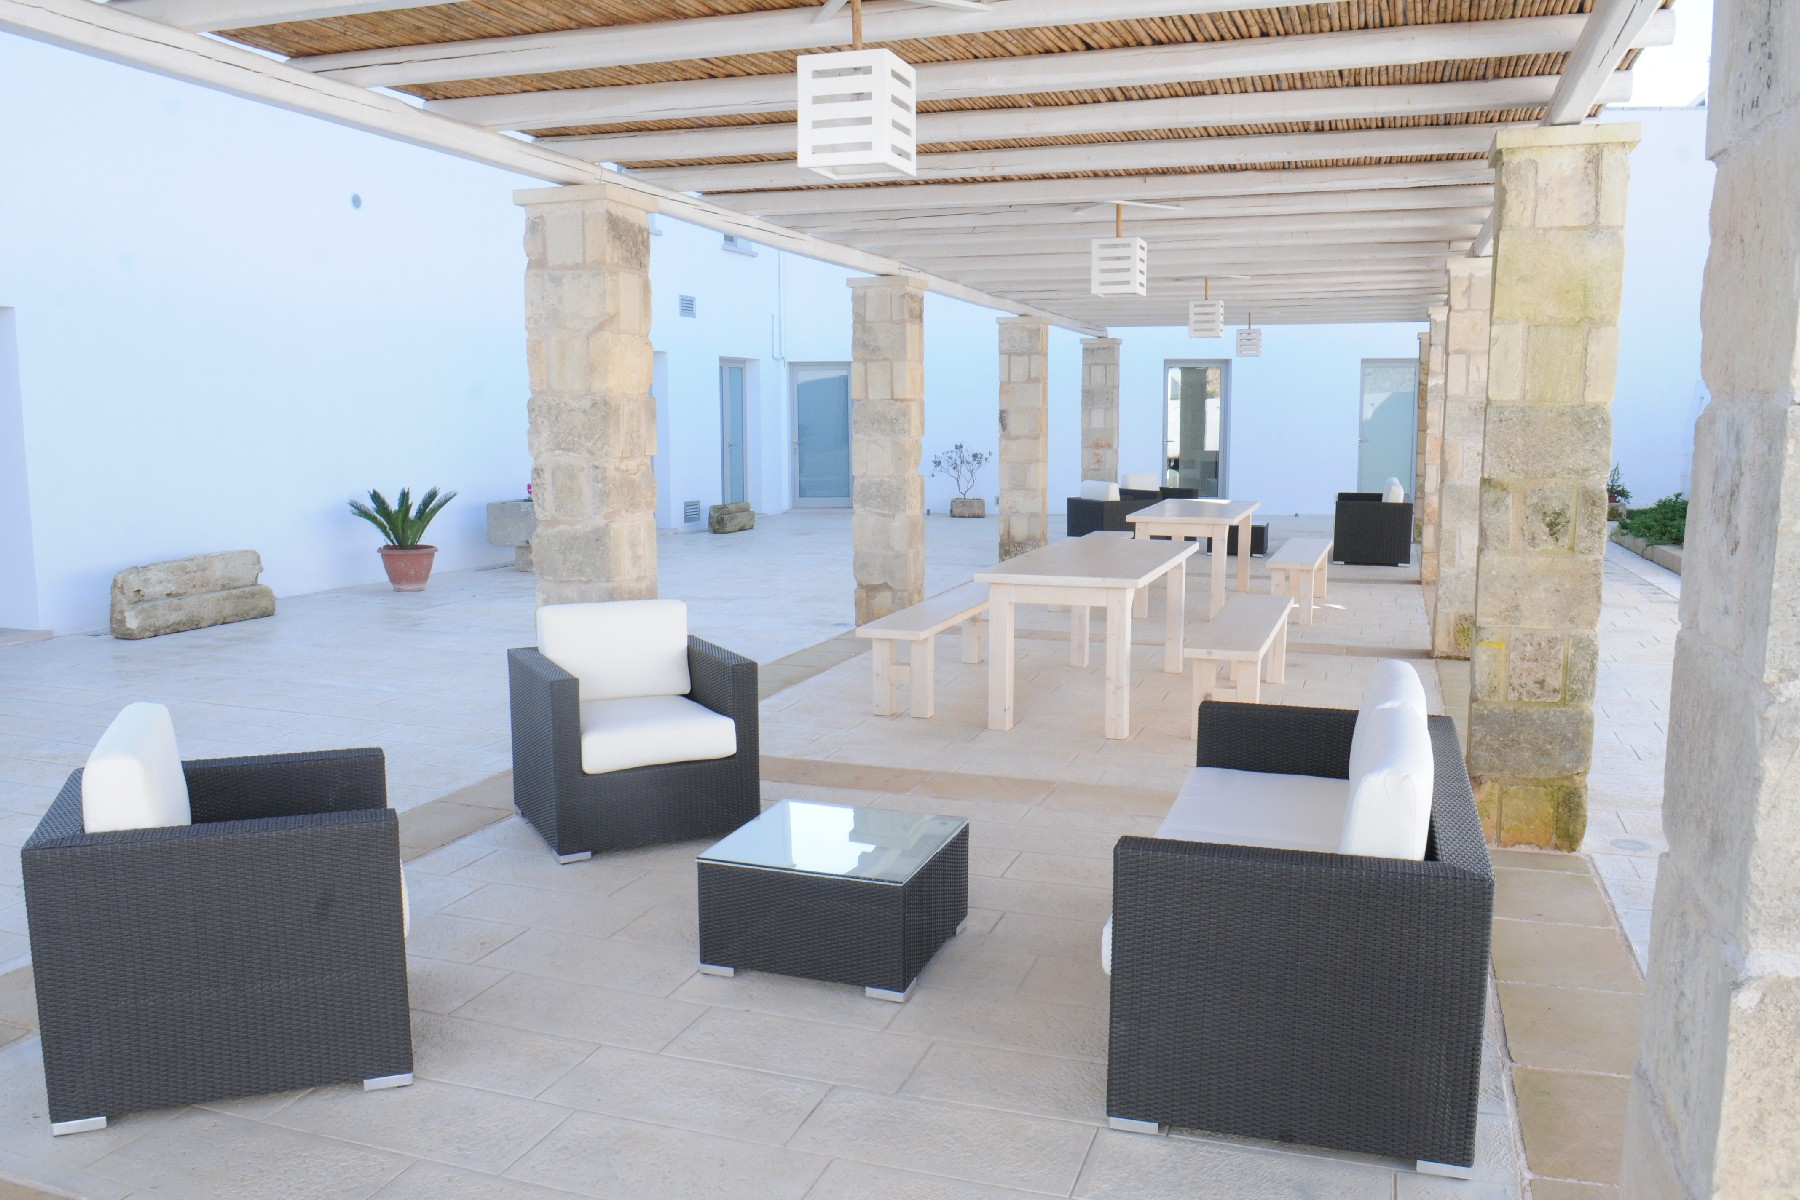 Villa in Vendita a Martano: 5 locali, 850 mq - Foto 8